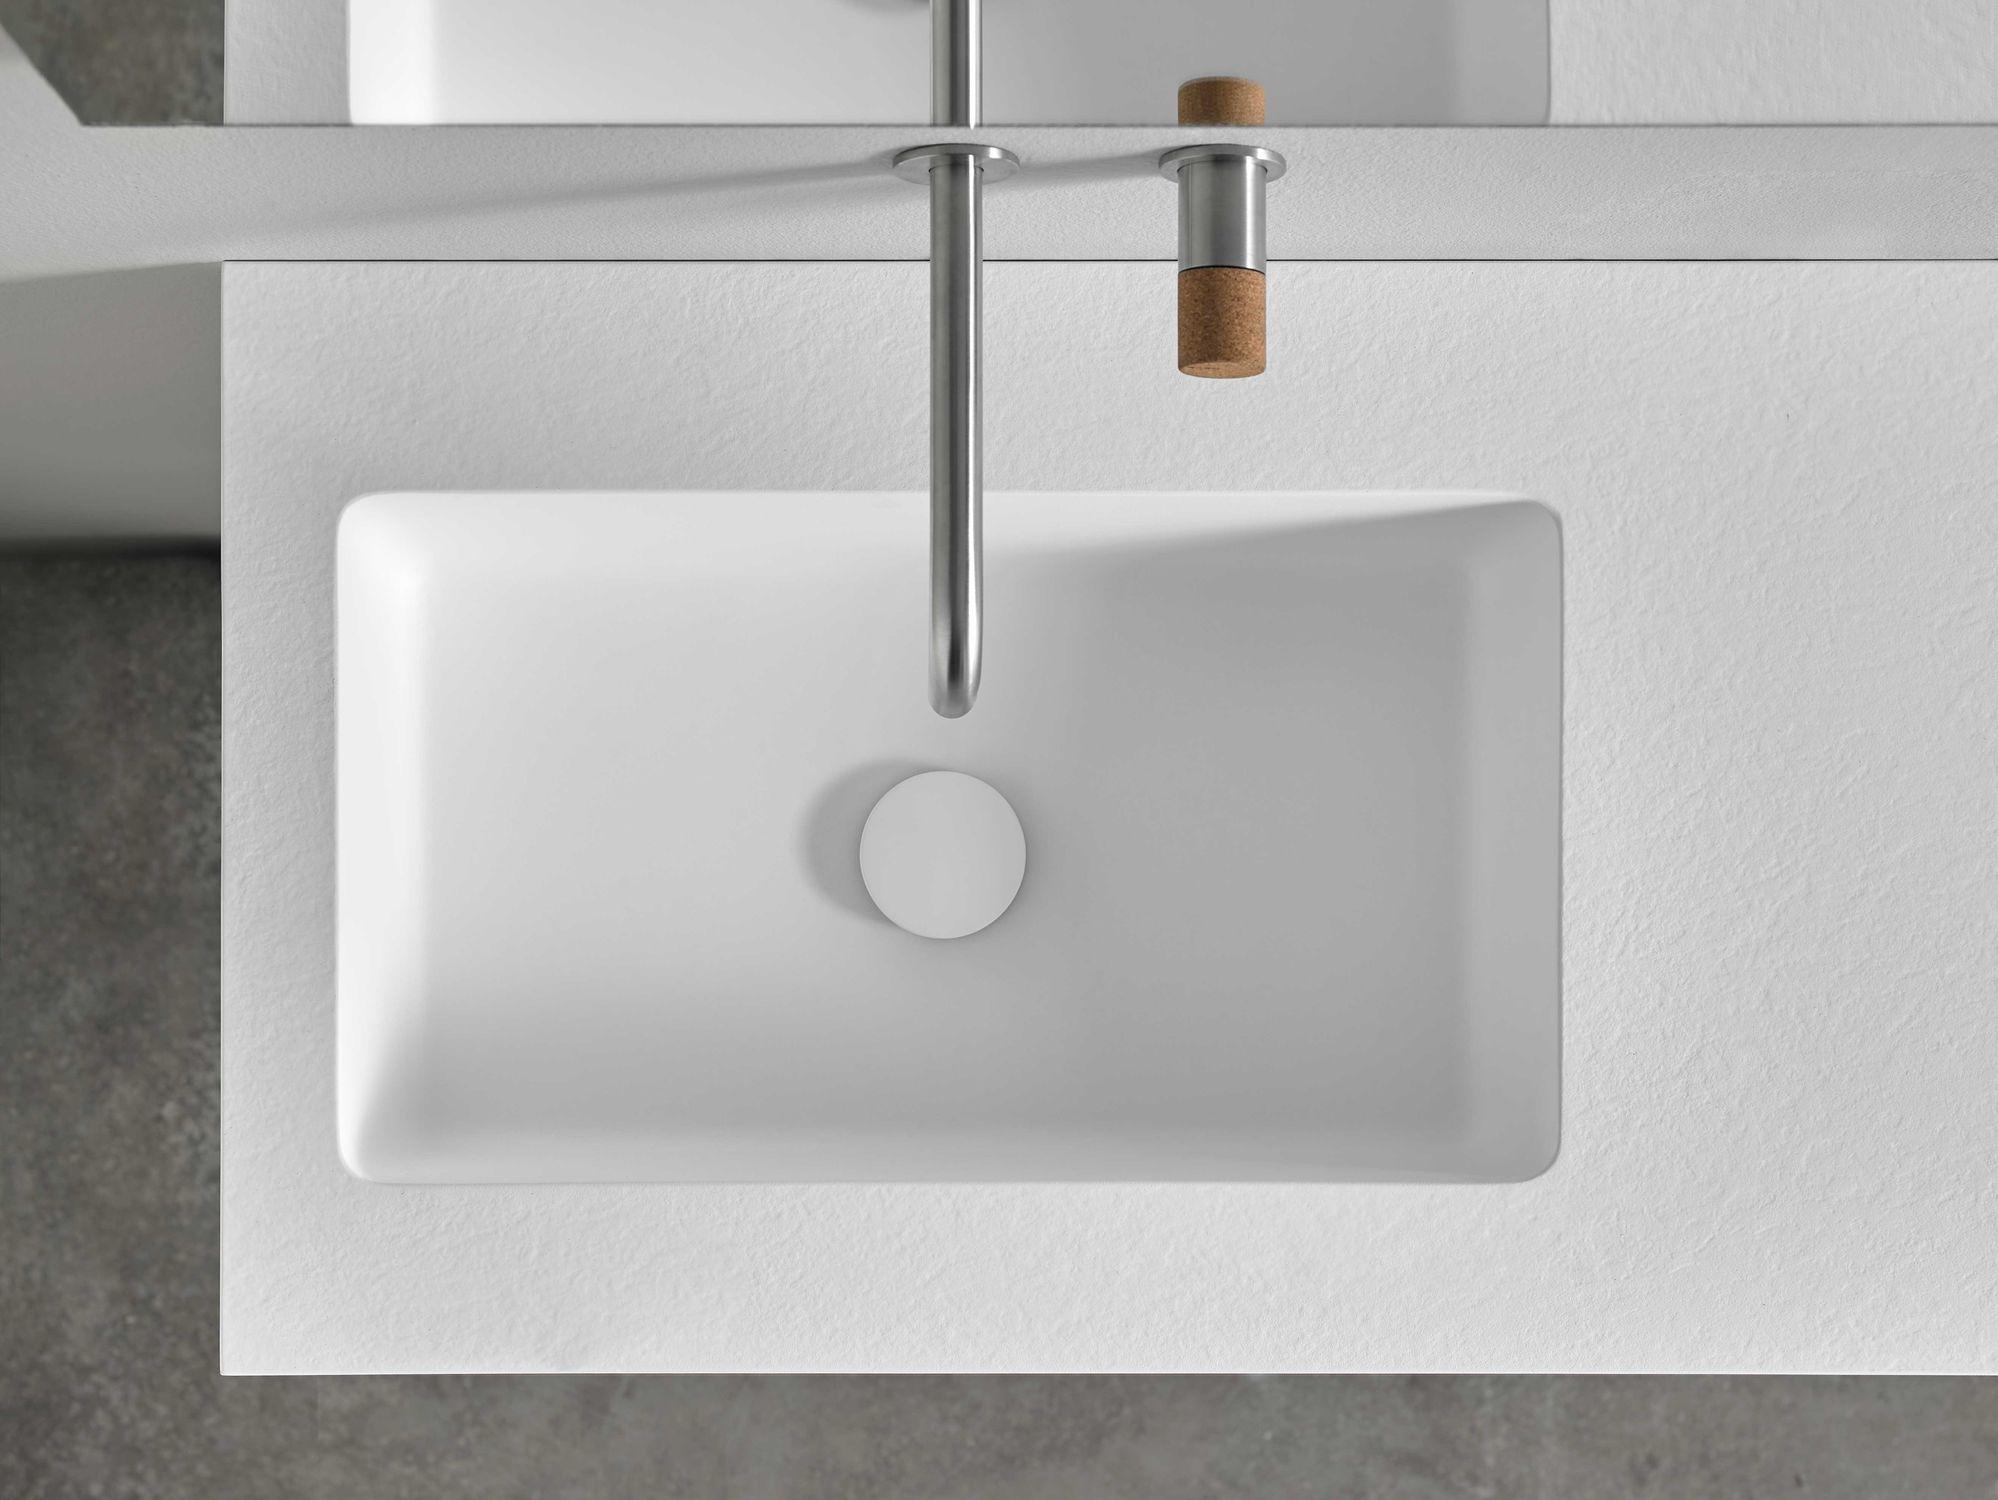 Plan Vasque Sur Mesure plan vasque en résine / sur mesure / avec porte-serviettes